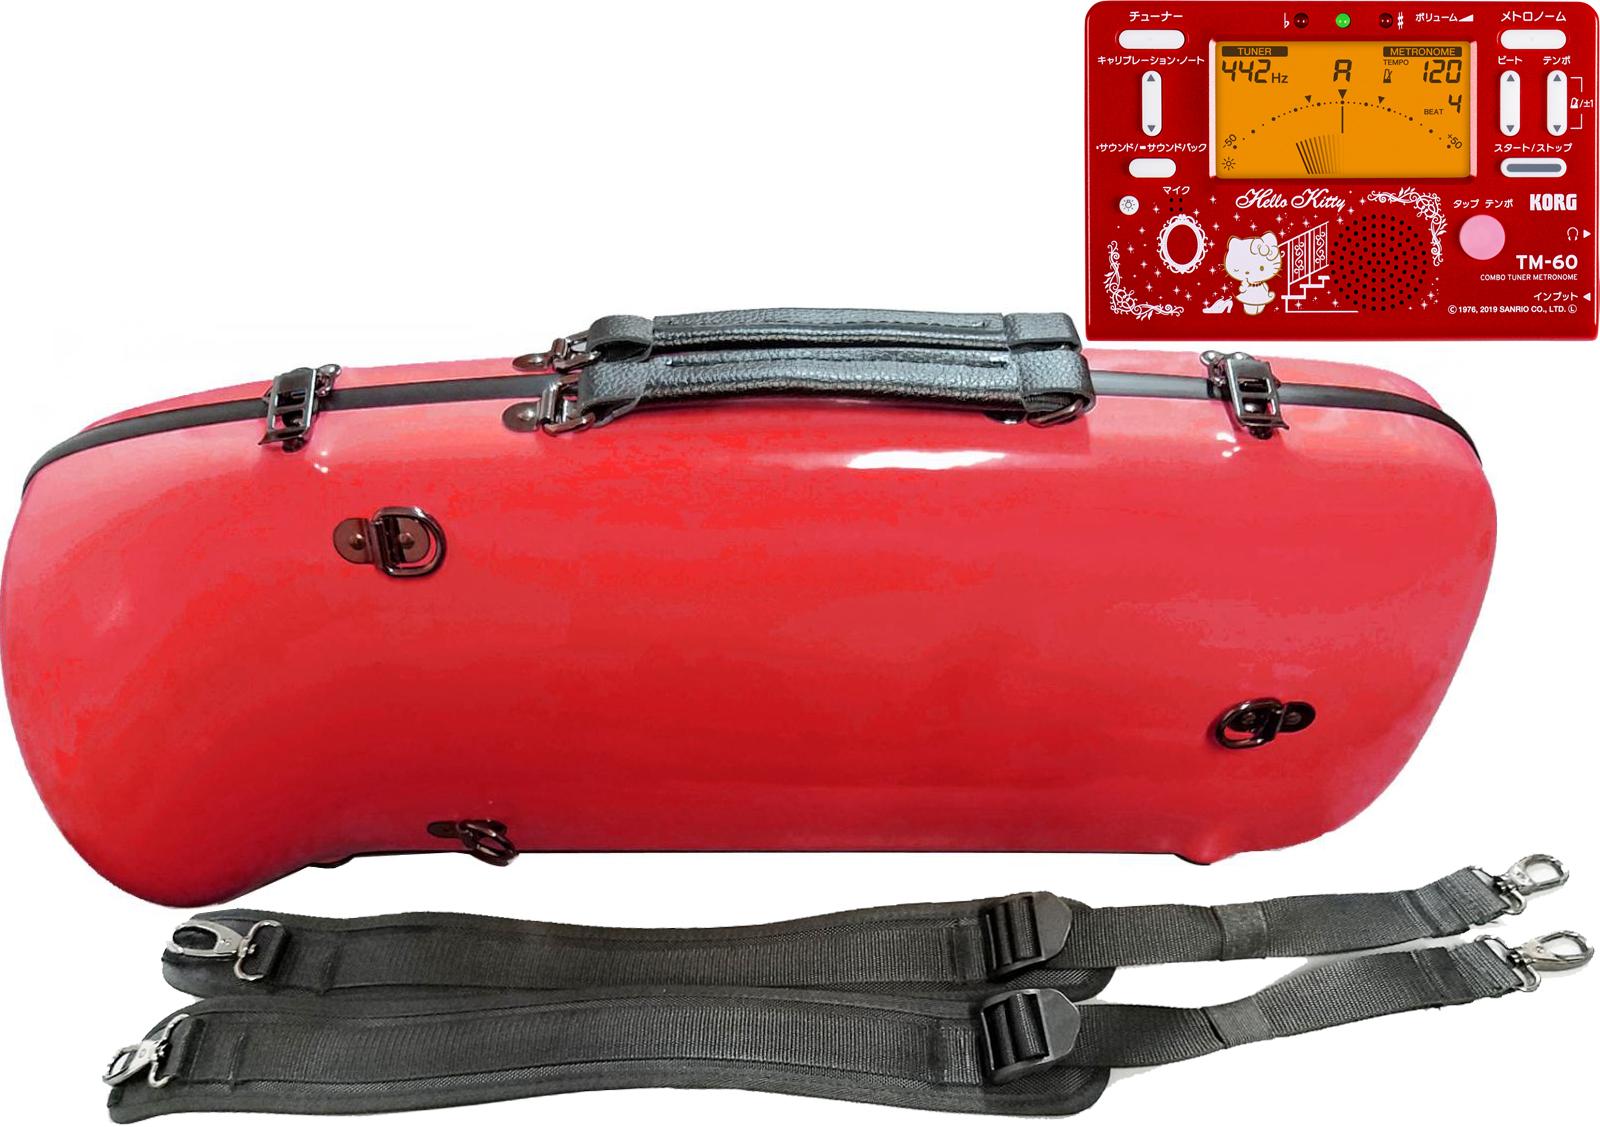 CCシャイニーケース II CC2-ATP-RD エアロ トランペット用 ケース レッド ハードケース リュック trumpet red 赤色 トランペットケース TM-60-SKT2 セットK 送料無料